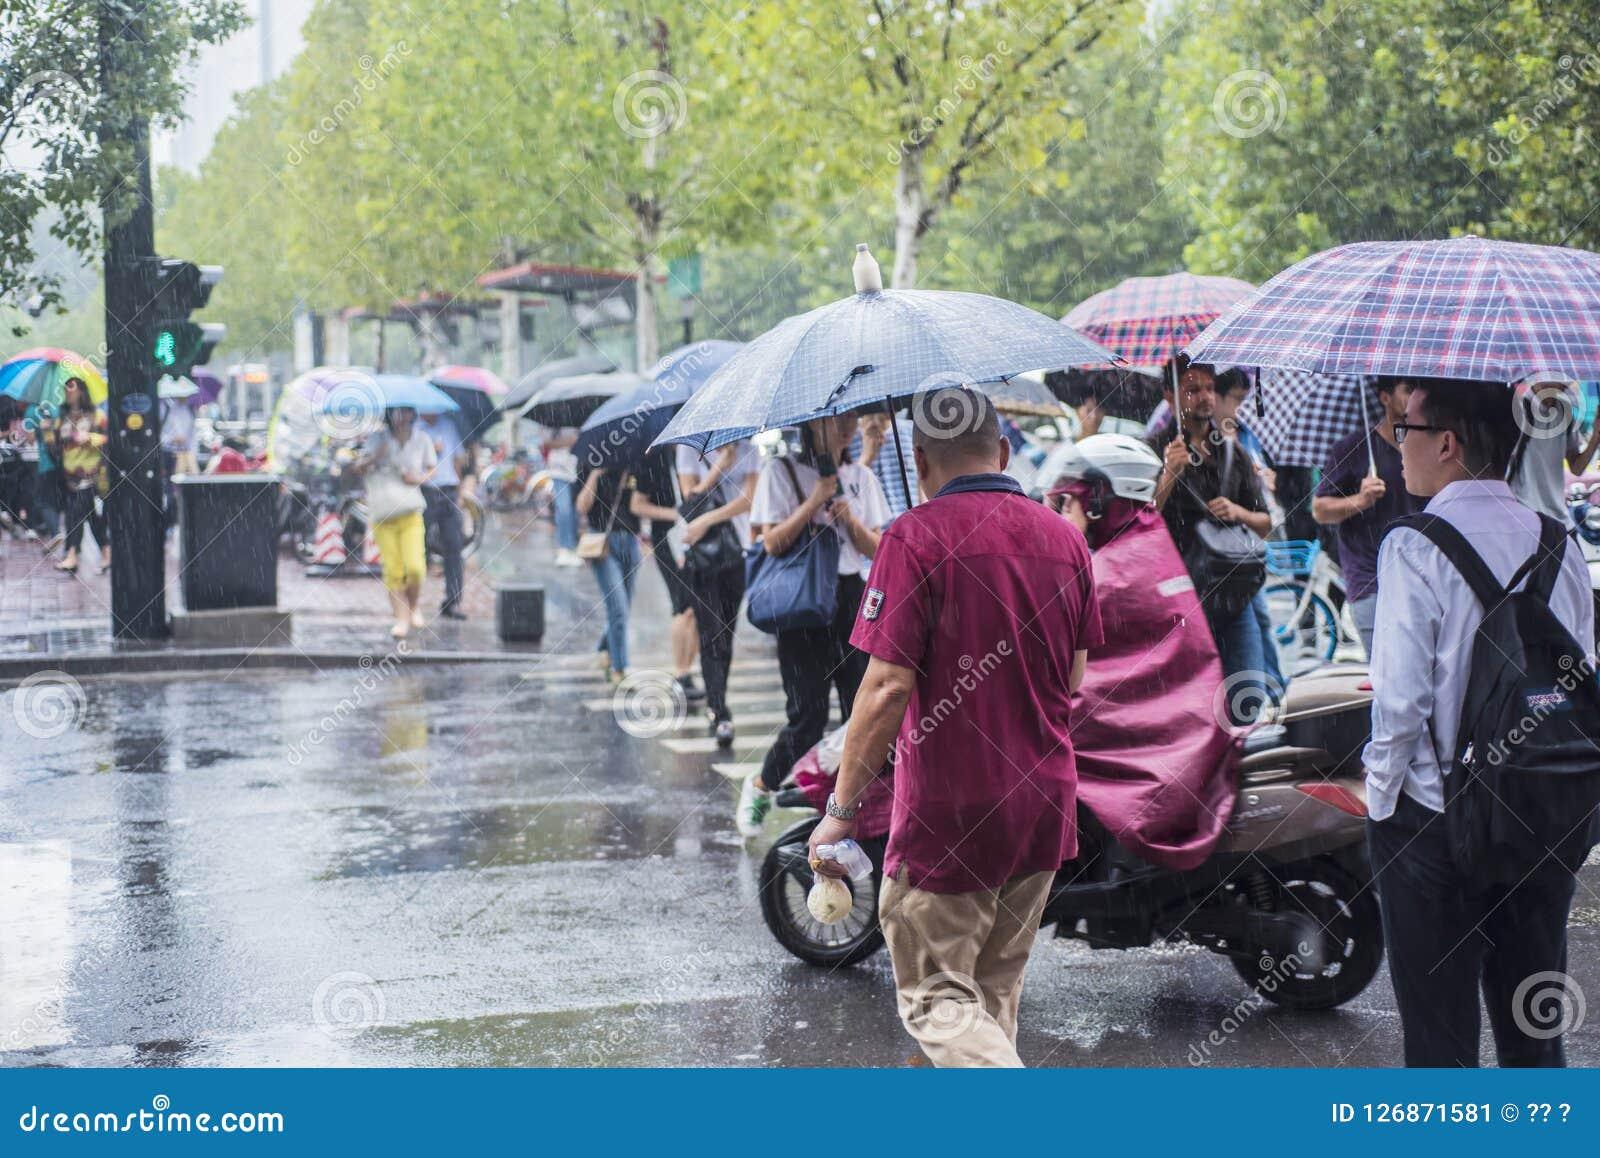 Ein Regen morgens, die Leute, die gehen zu arbeiten, kreuzte den Schnitt mit einem Regenschirm